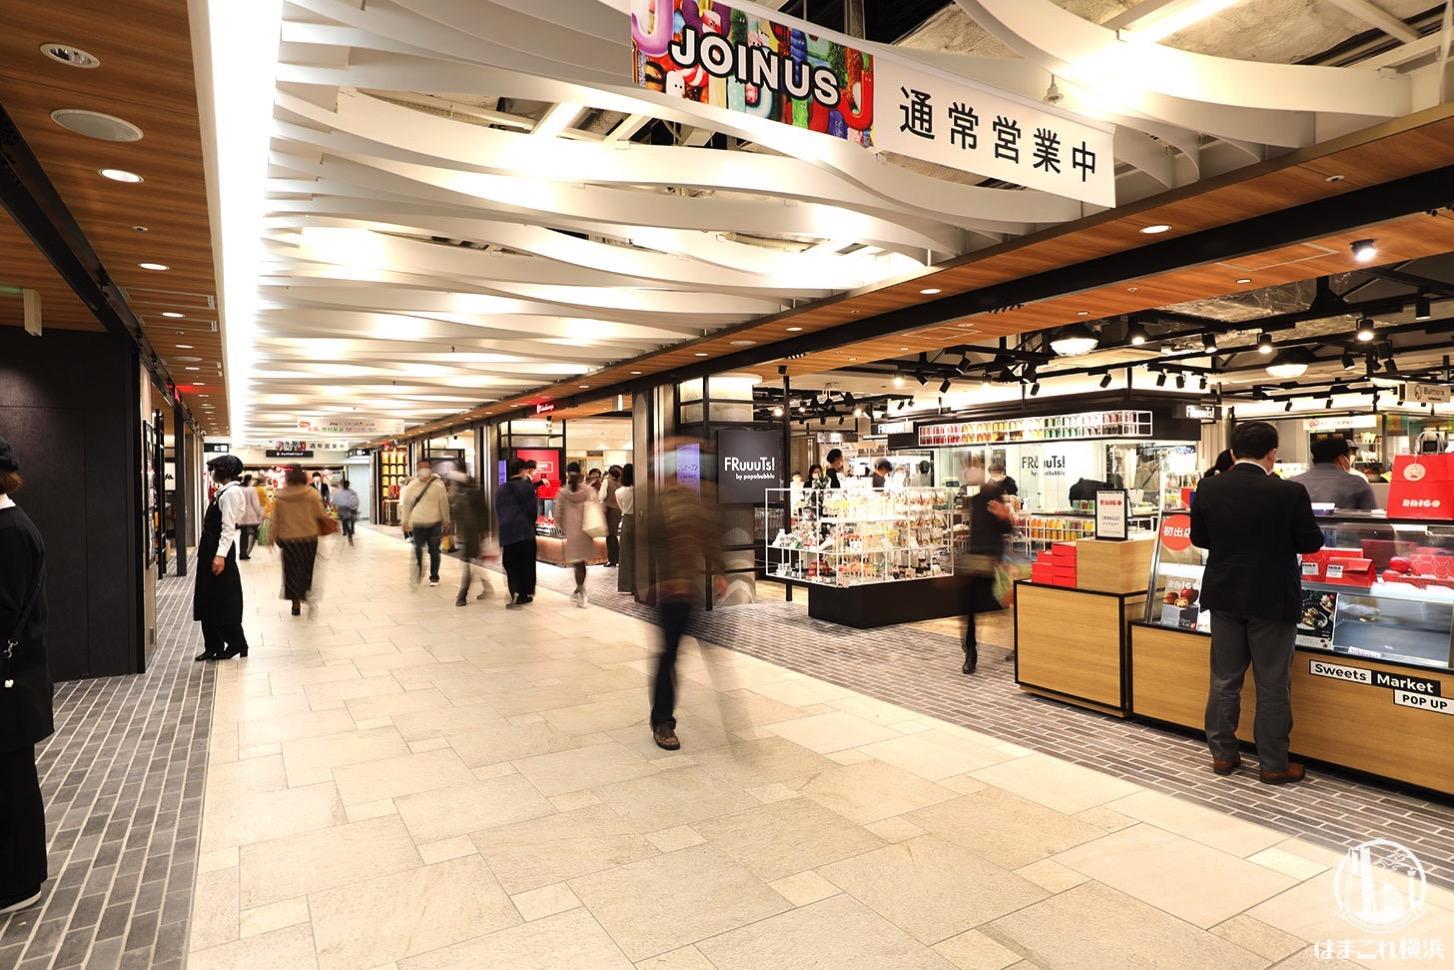 横浜高島屋のフーディーズポート2は手土産スイーツ充実・限定スイーツ現地レポ!